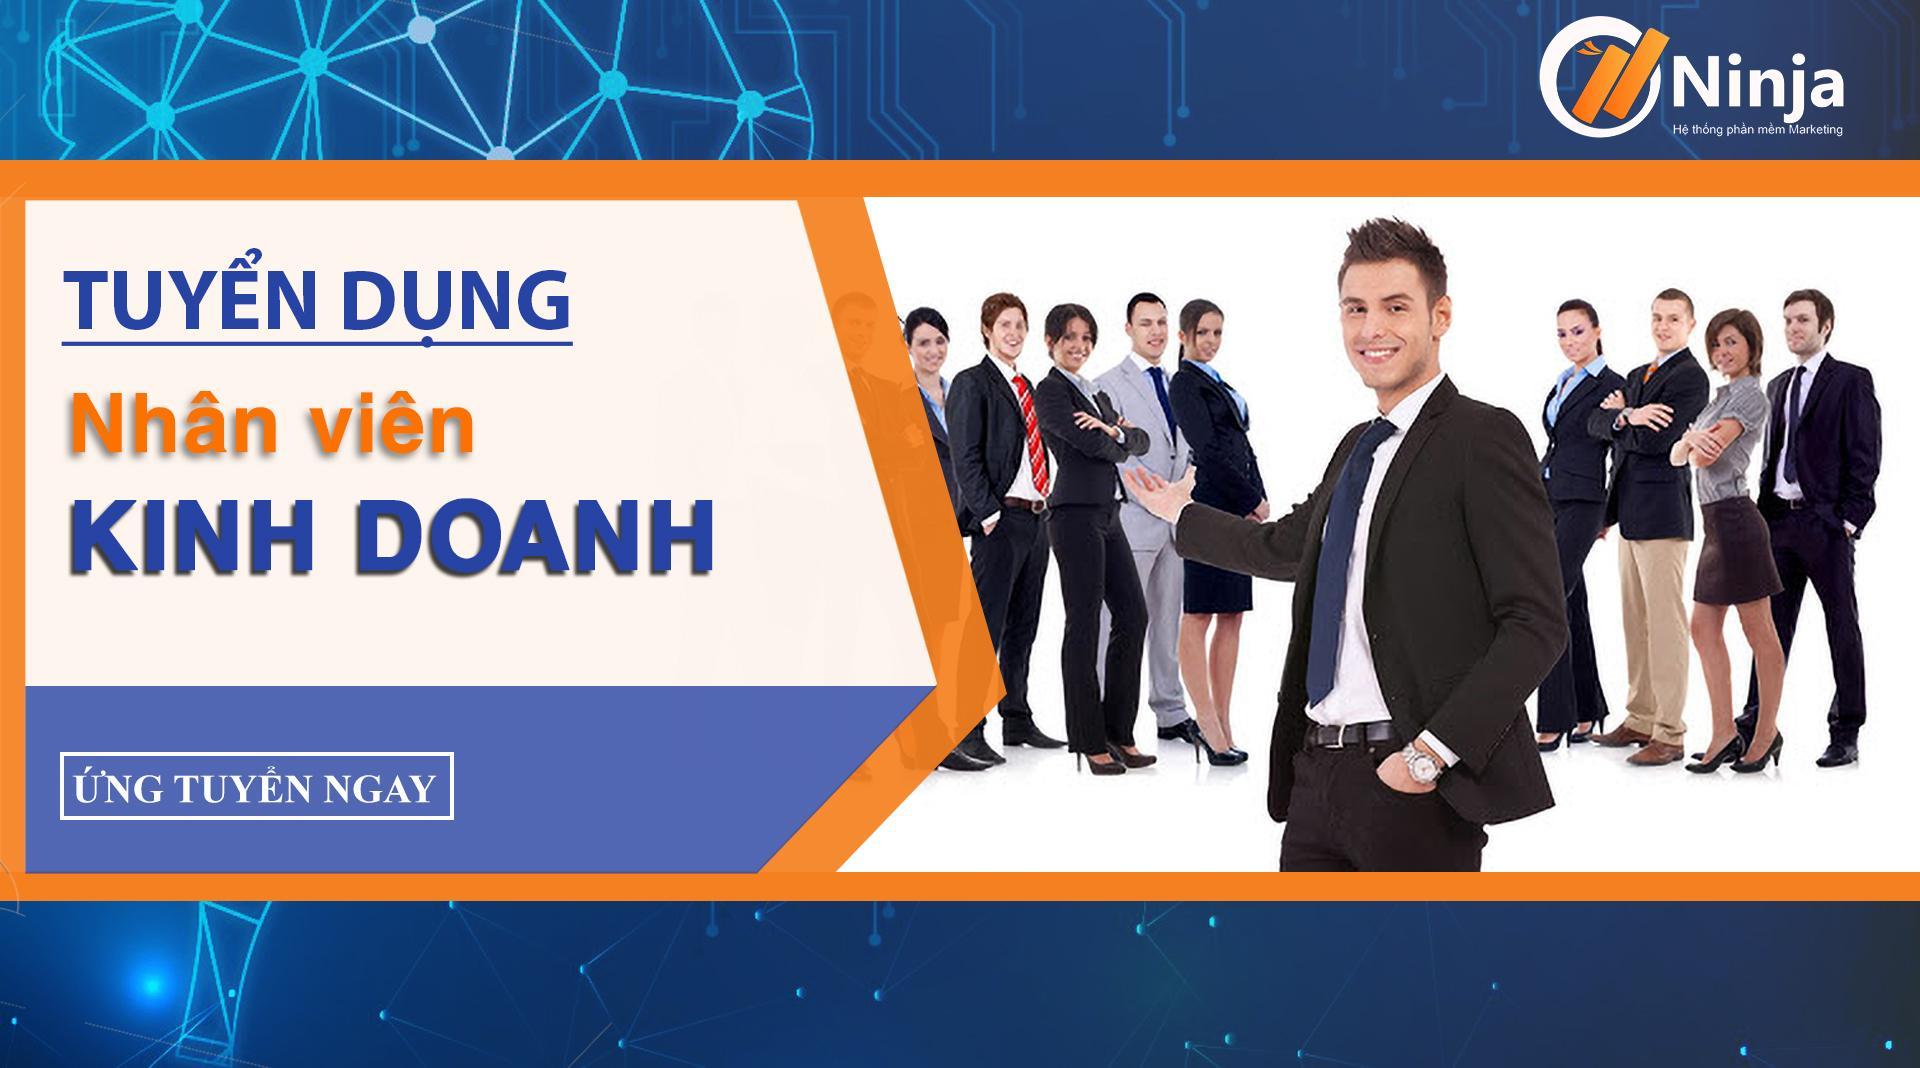 effad11689a971f728b8 1 TIN TUYỂN DỤNG: Phần mềm Ninja tuyển dụng nhân viên kinh doanh